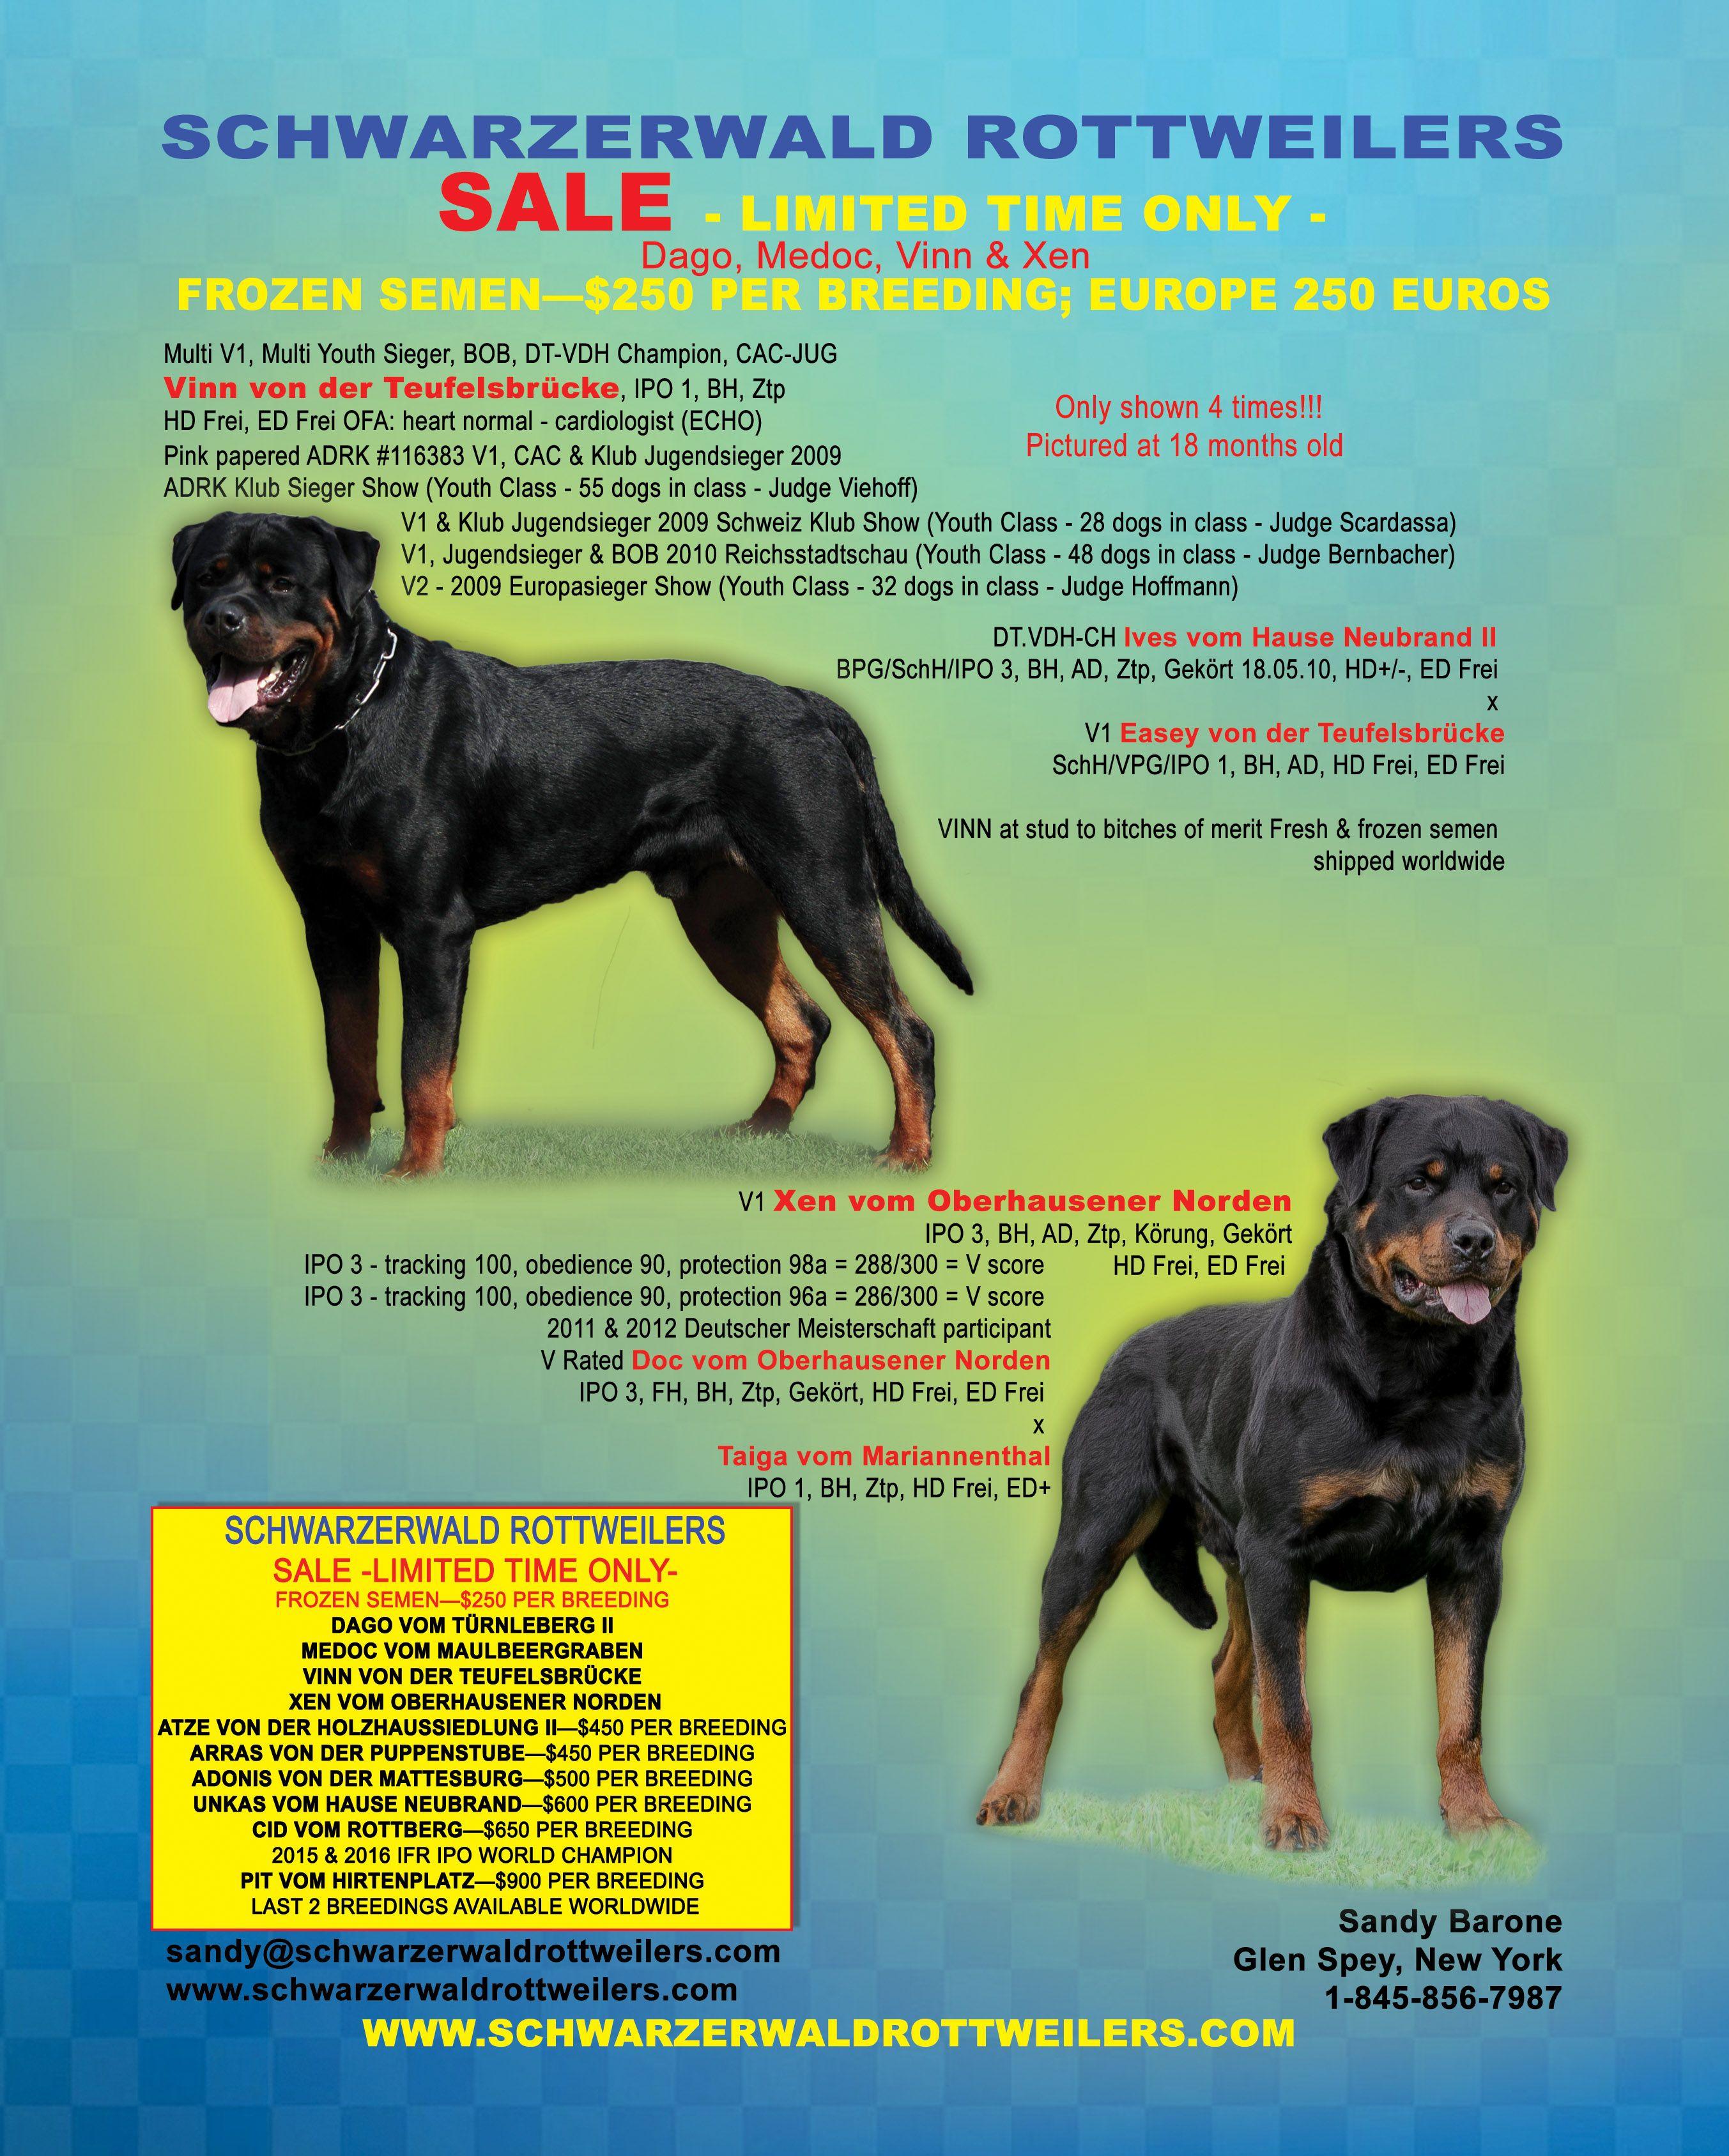 Schwarzerwald Rottweilers Sandy Barone Glen Spey New York 917 681